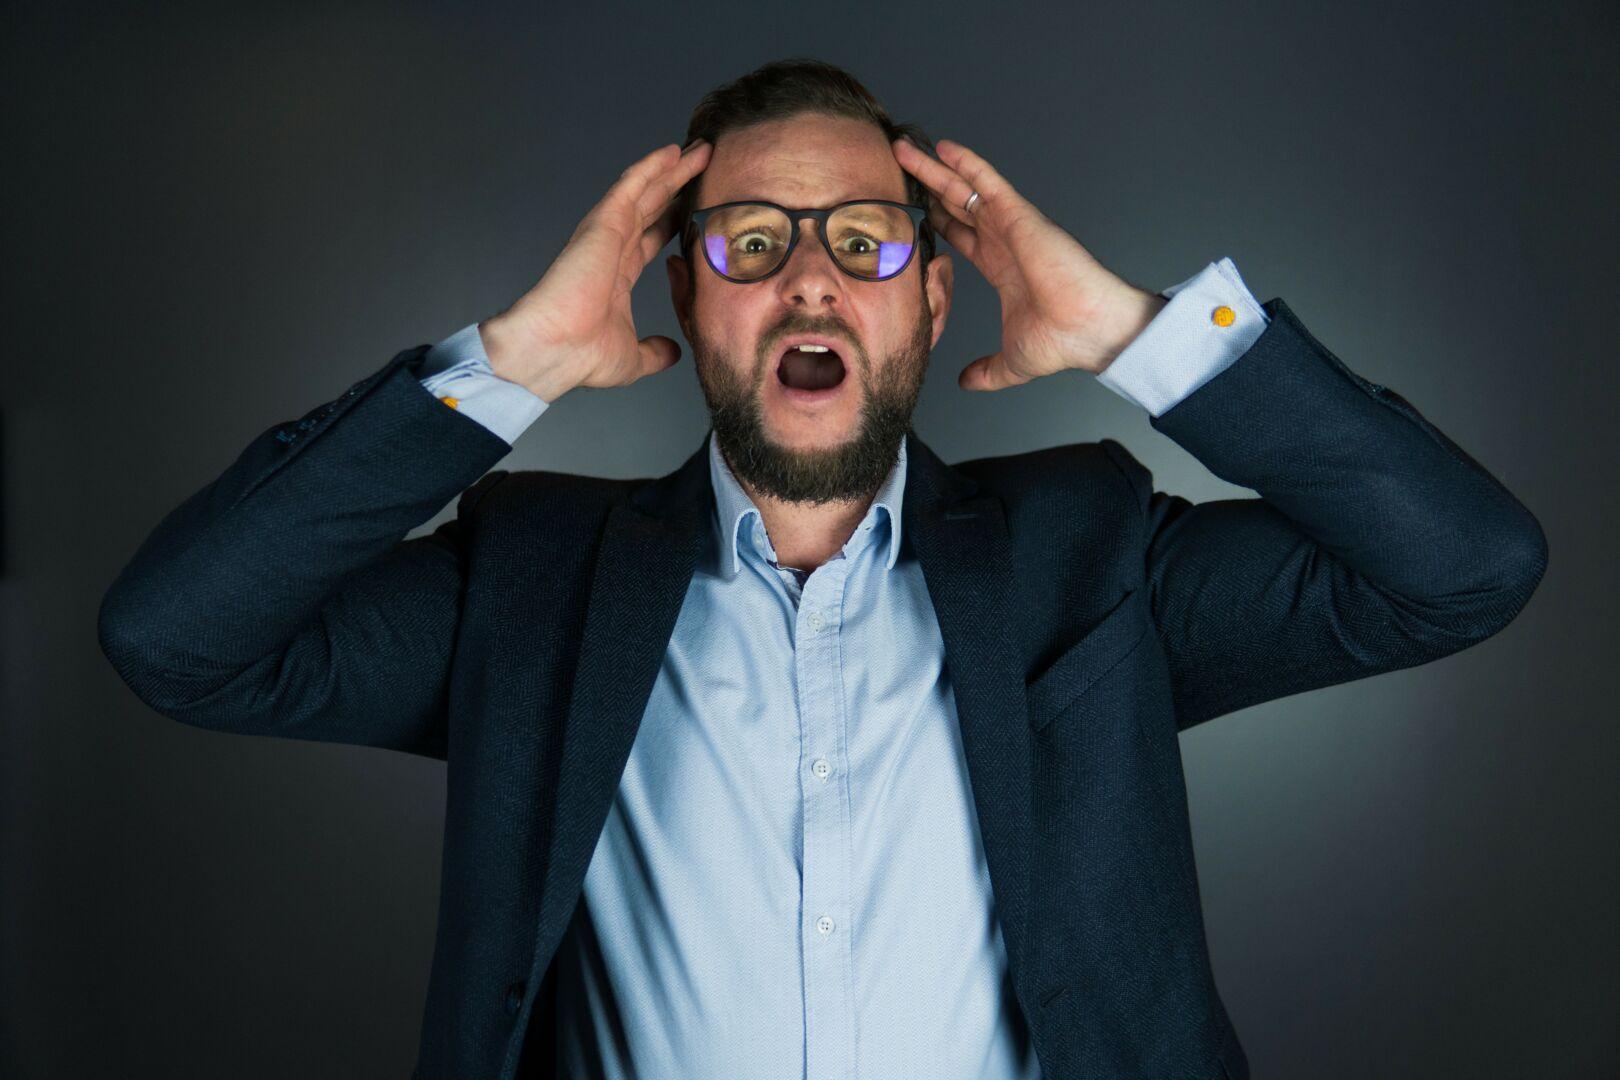 «Pitch du conseiller immobilier | Les 6 erreurs les plus courantes», Cédric Laporte